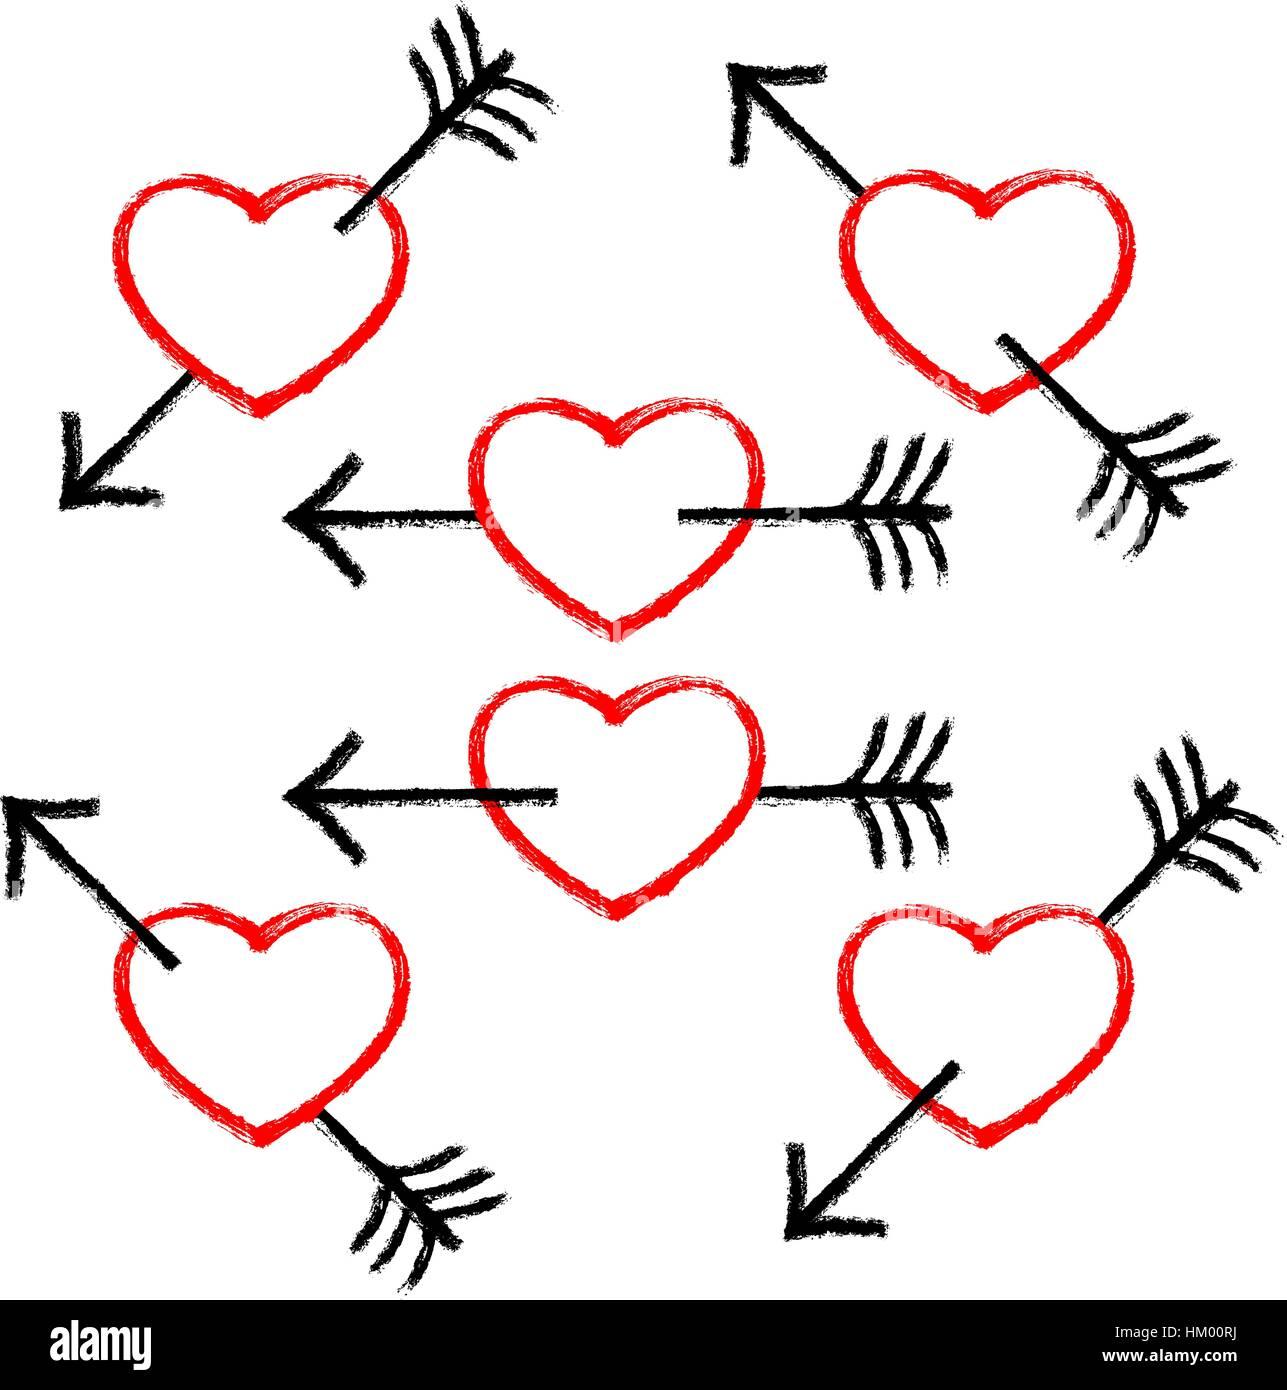 Rotes Herz durch einen schwarzen Pfeil durchbohrt. Populäres Symbol mit Textur in handgefertigten Aquarelltechnik Stockbild